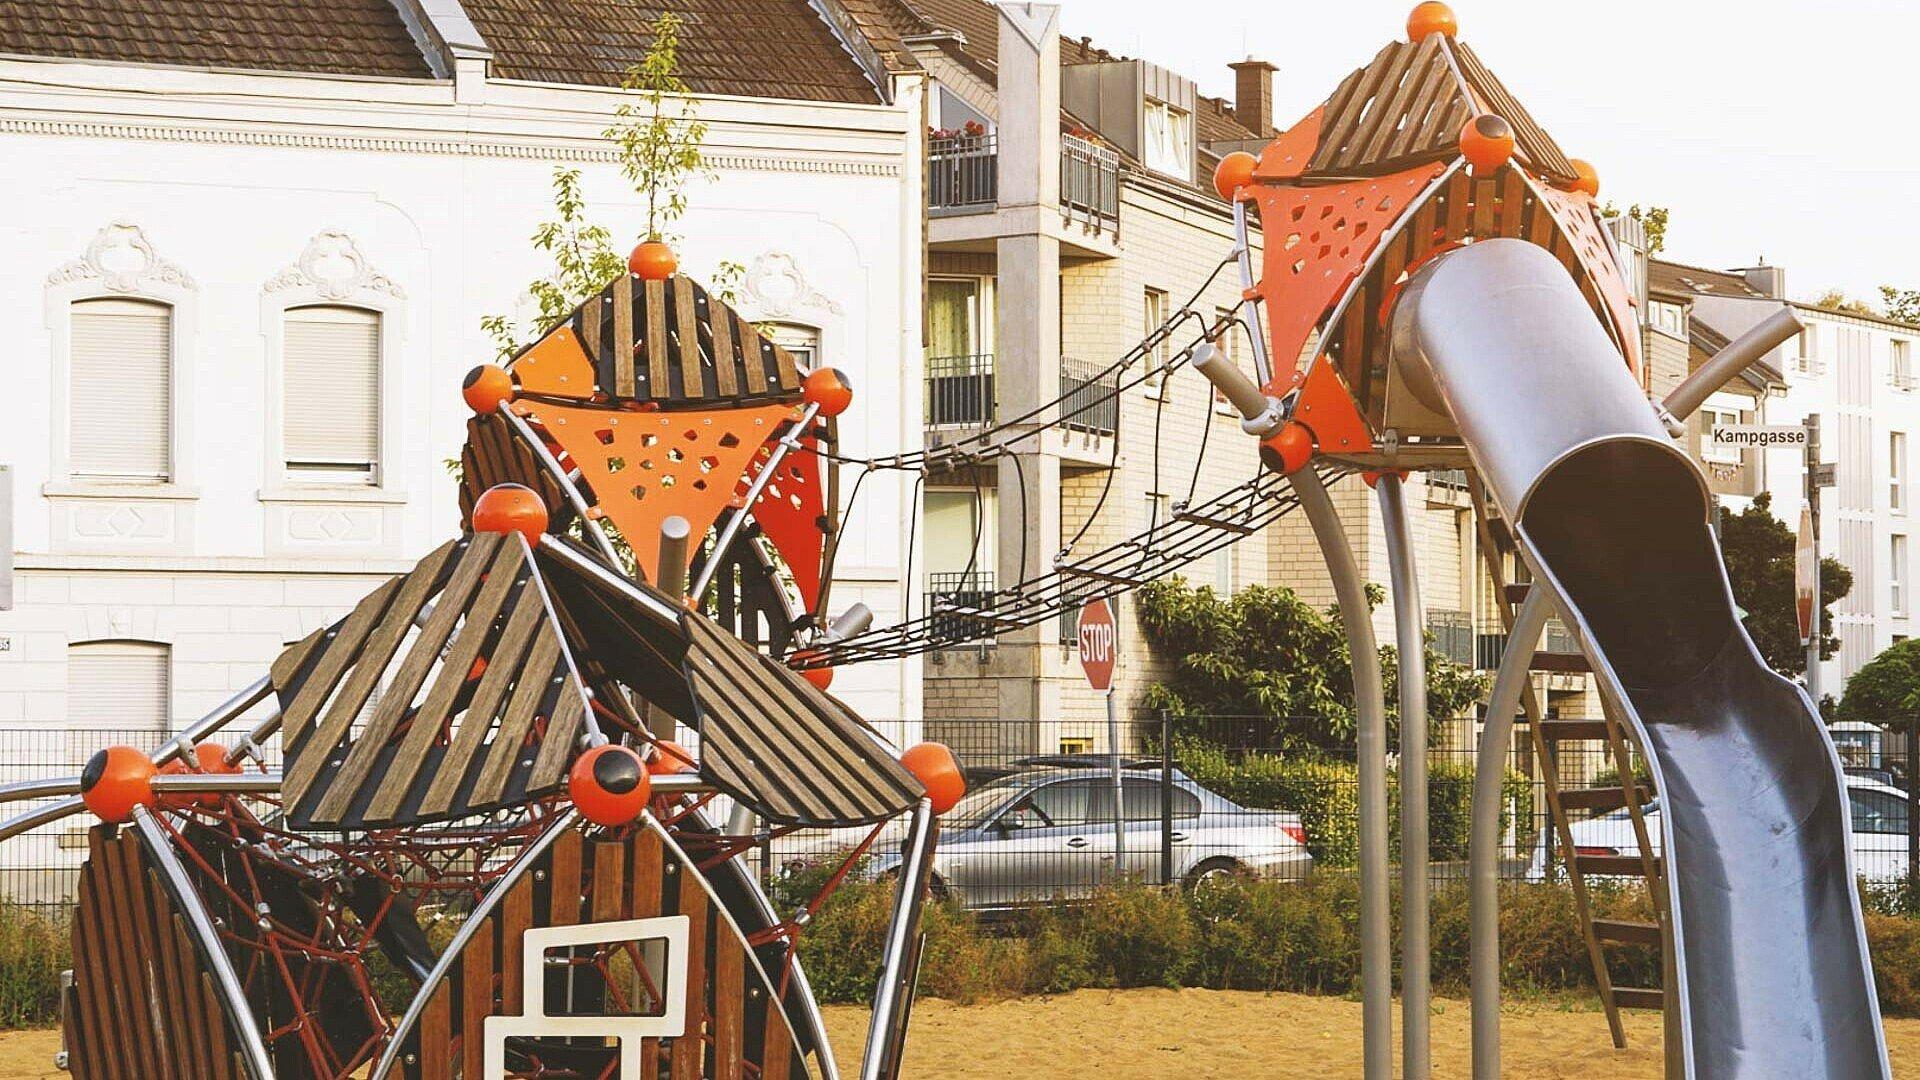 Sandburgen bauen, klettern und rutschen auf dem Spielplatz an der Kampgasse in Vingst